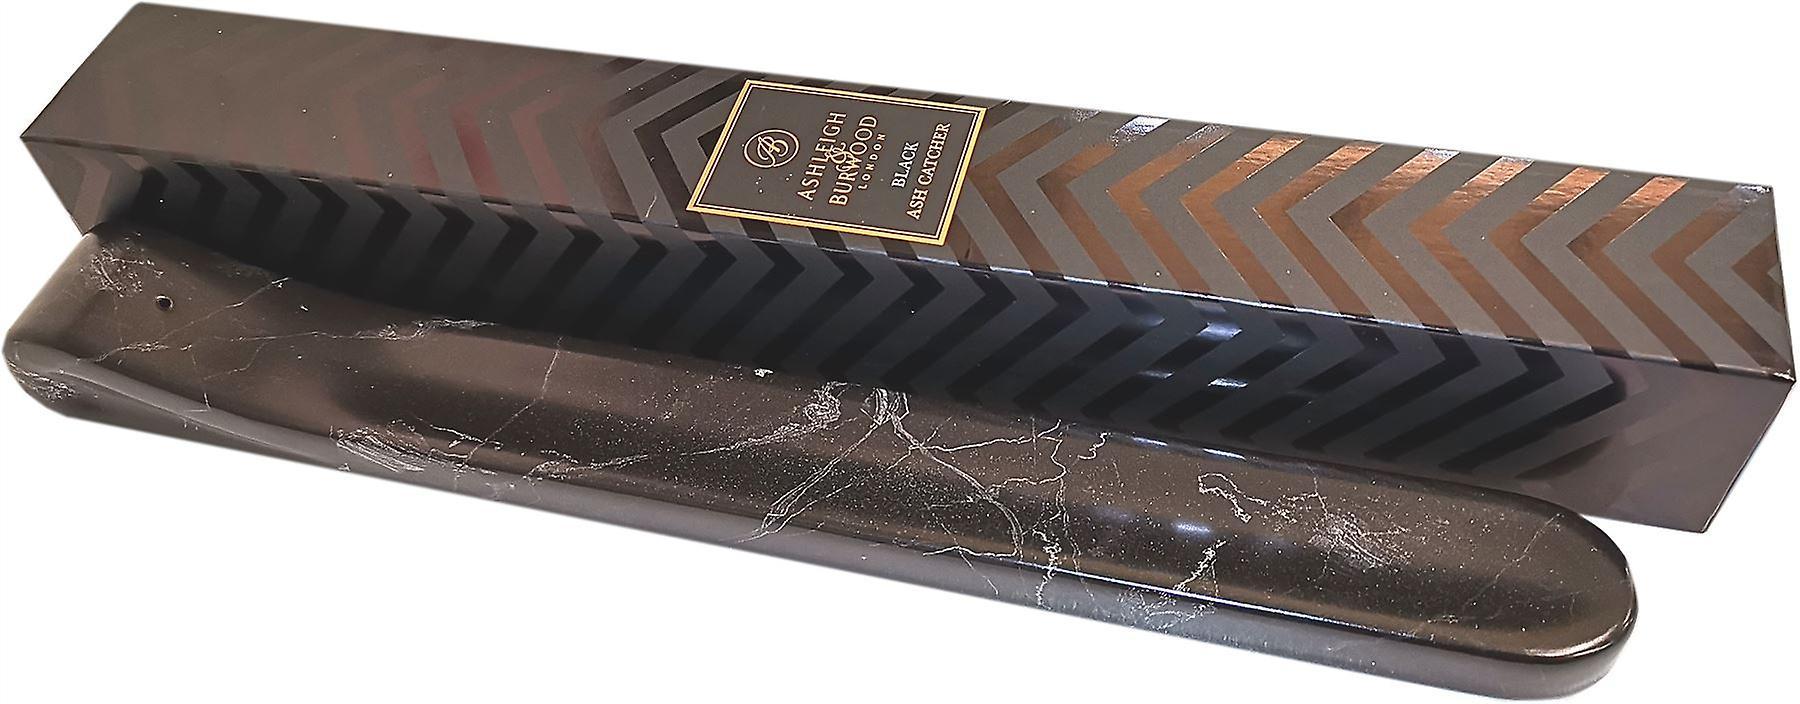 Incense Stick Holder Black- Ceramic Marble Effect